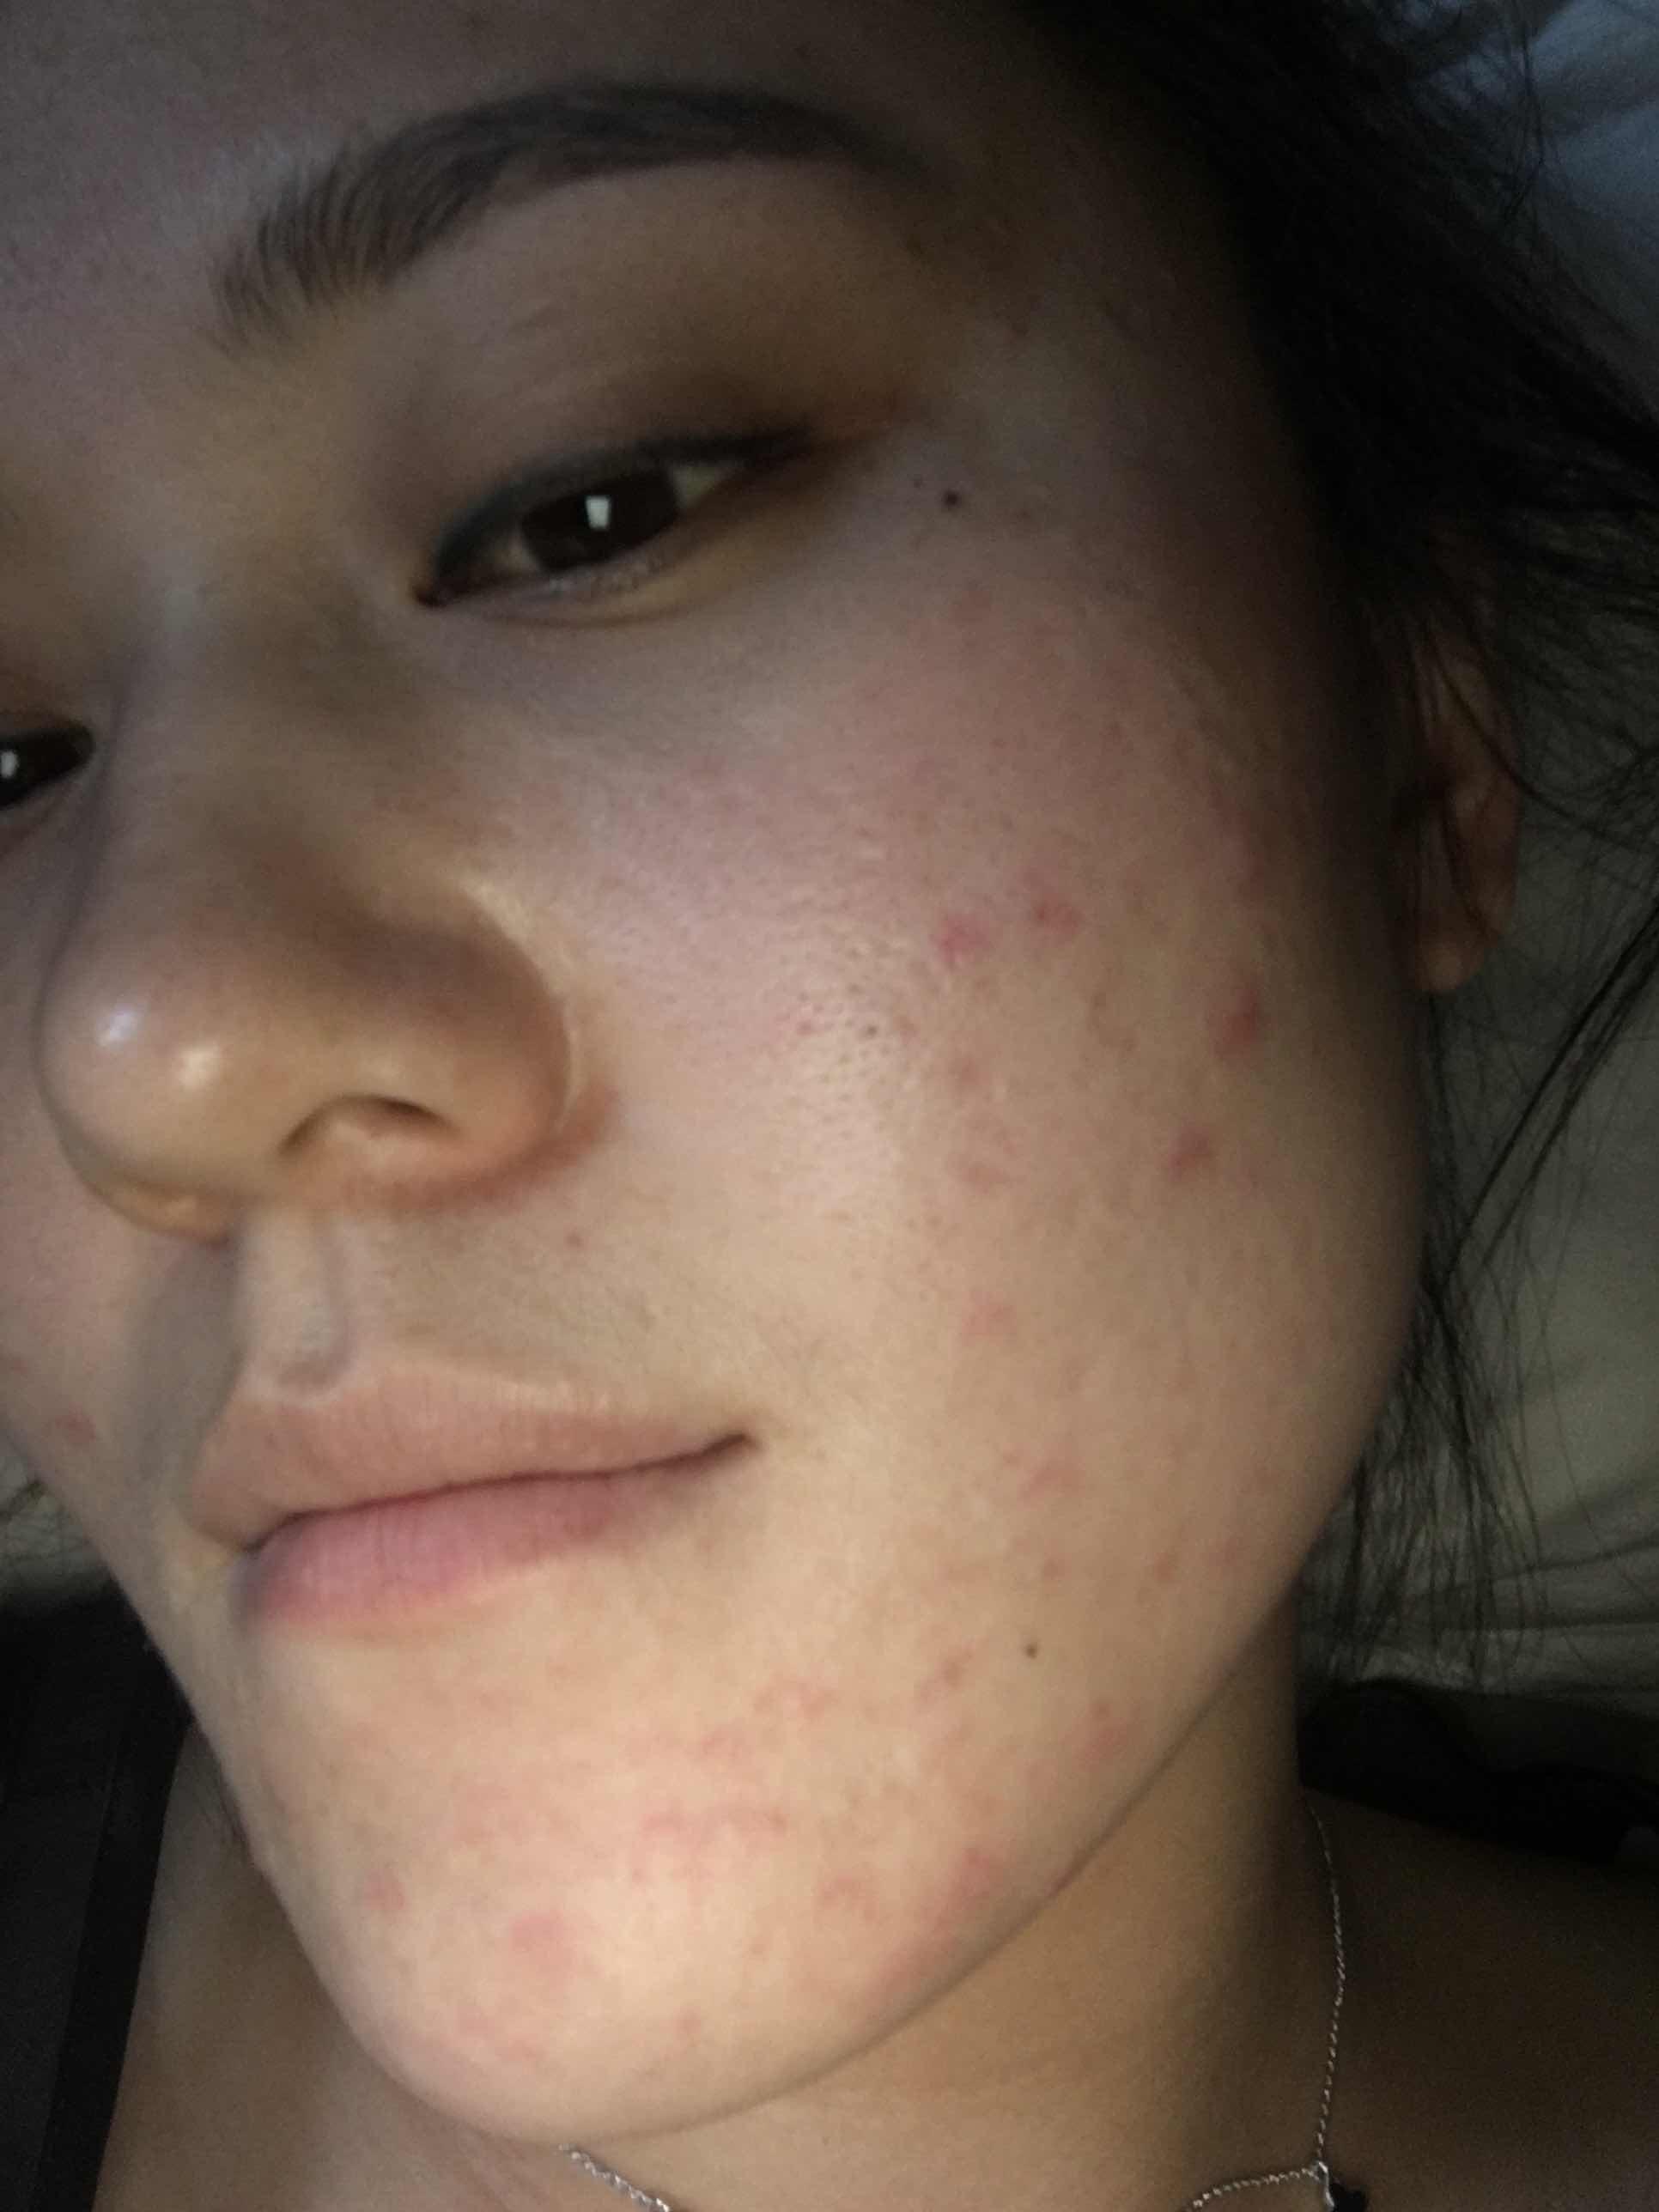 什么是闭合性粉刺图片,脸上老是长痘痘怎么办啊!不知道是不是闭合性粉刺